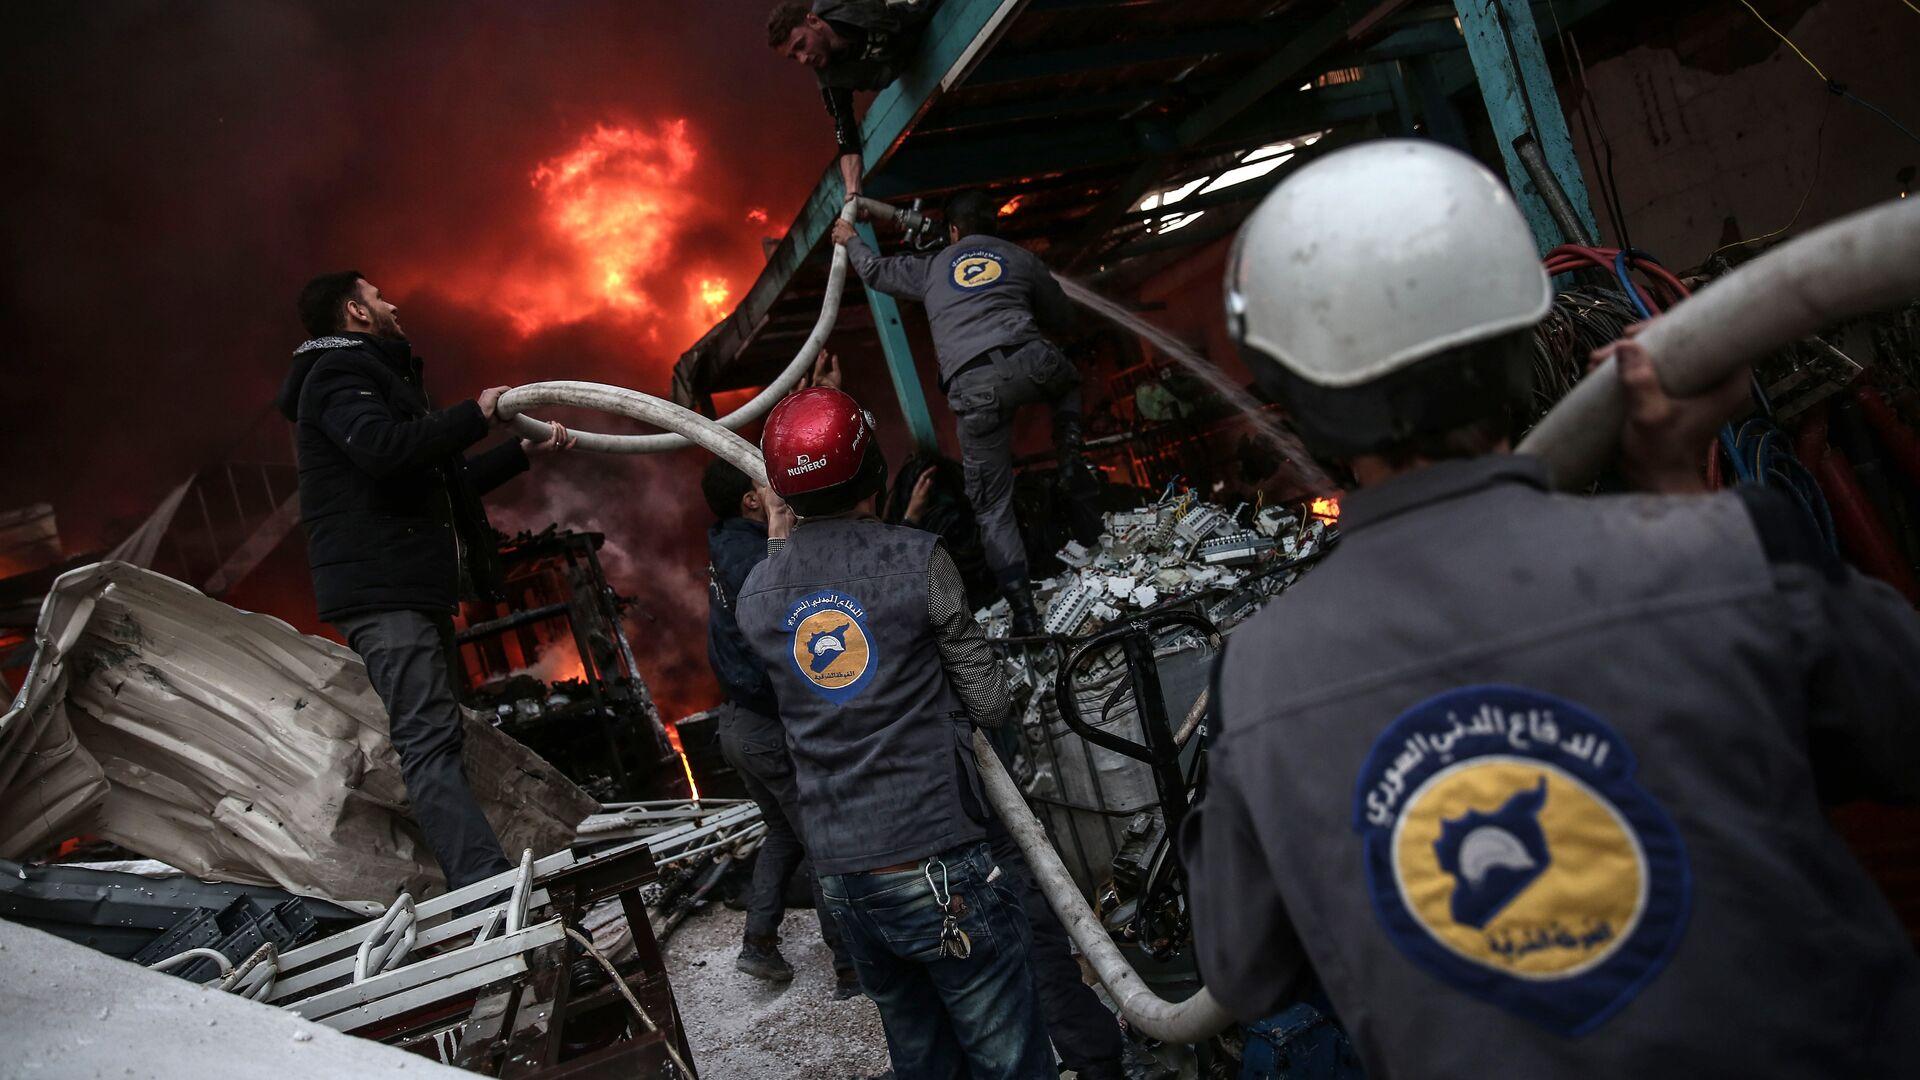 Активисты из организации Белые каски в Думе, Сирия. 17 ноября 2016 год - РИА Новости, 1920, 26.01.2018